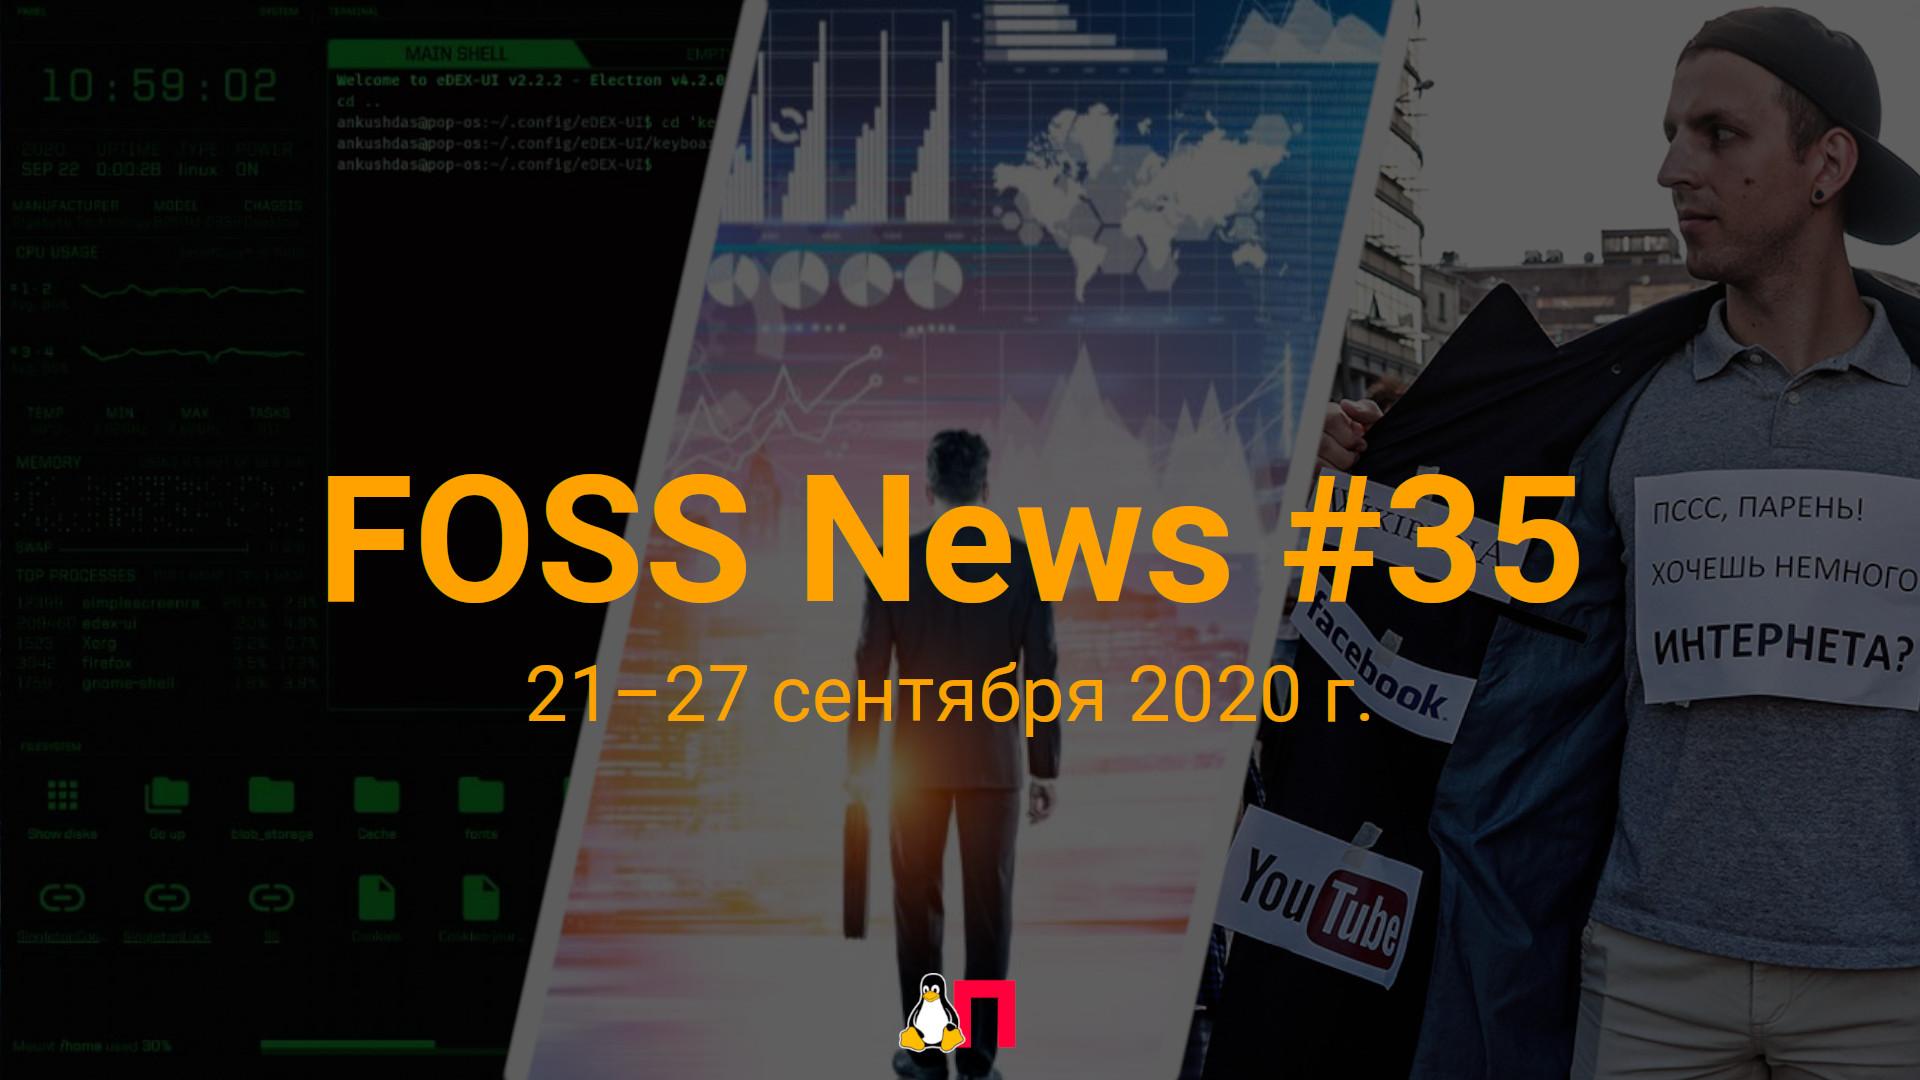 FOSS News 35  дайджест новостей и других материалов о свободном и открытом ПО за 21-27 сентября 2020 года